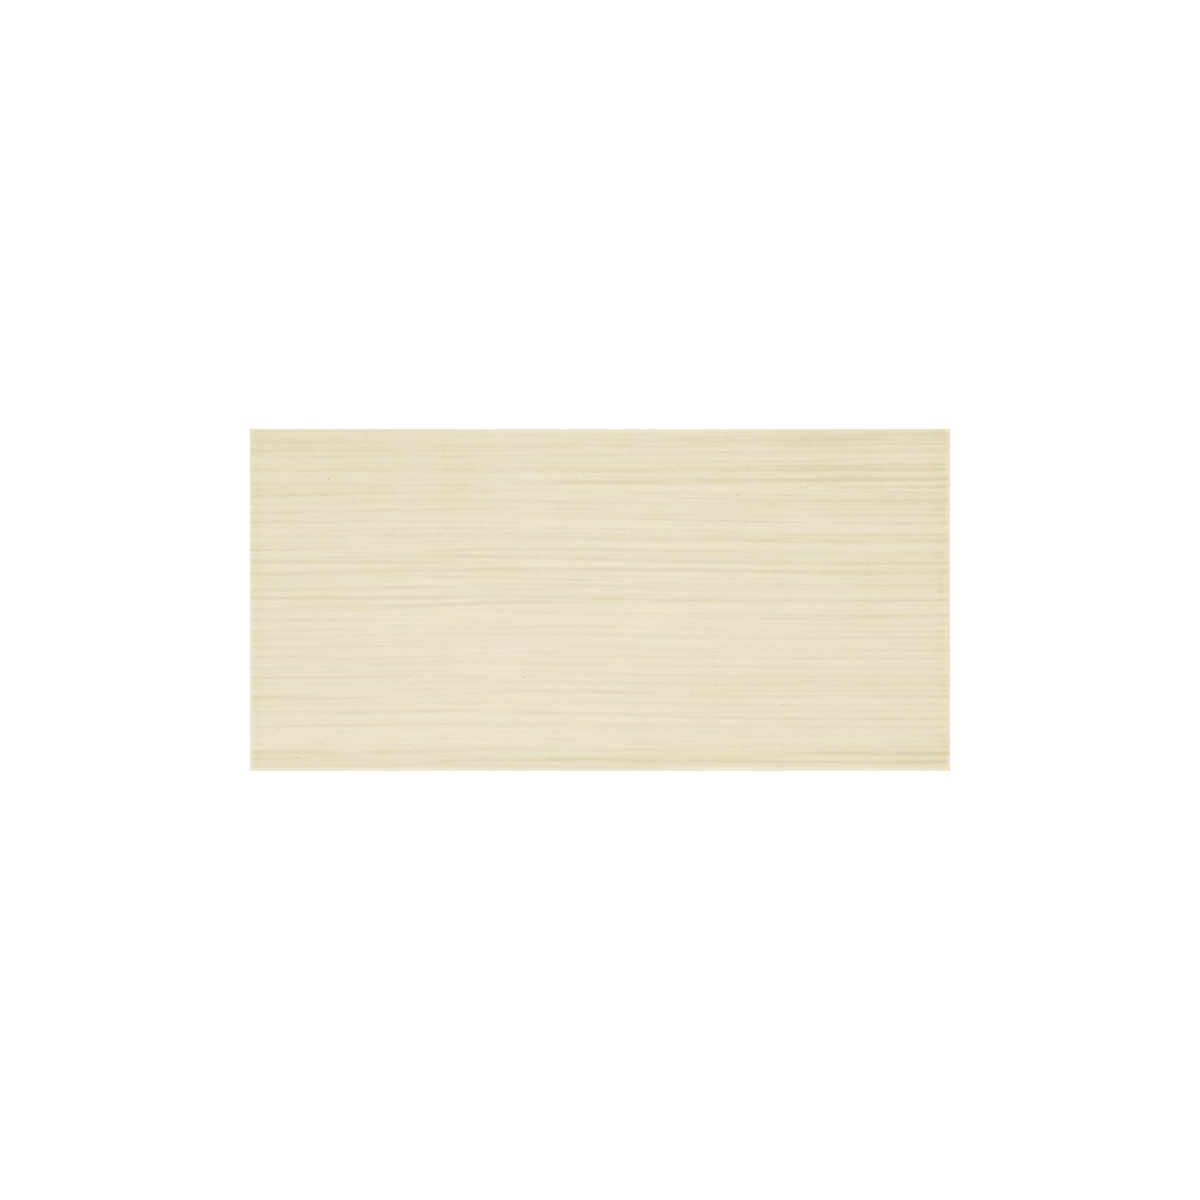 Glam Beige (Caja de 1 m2)